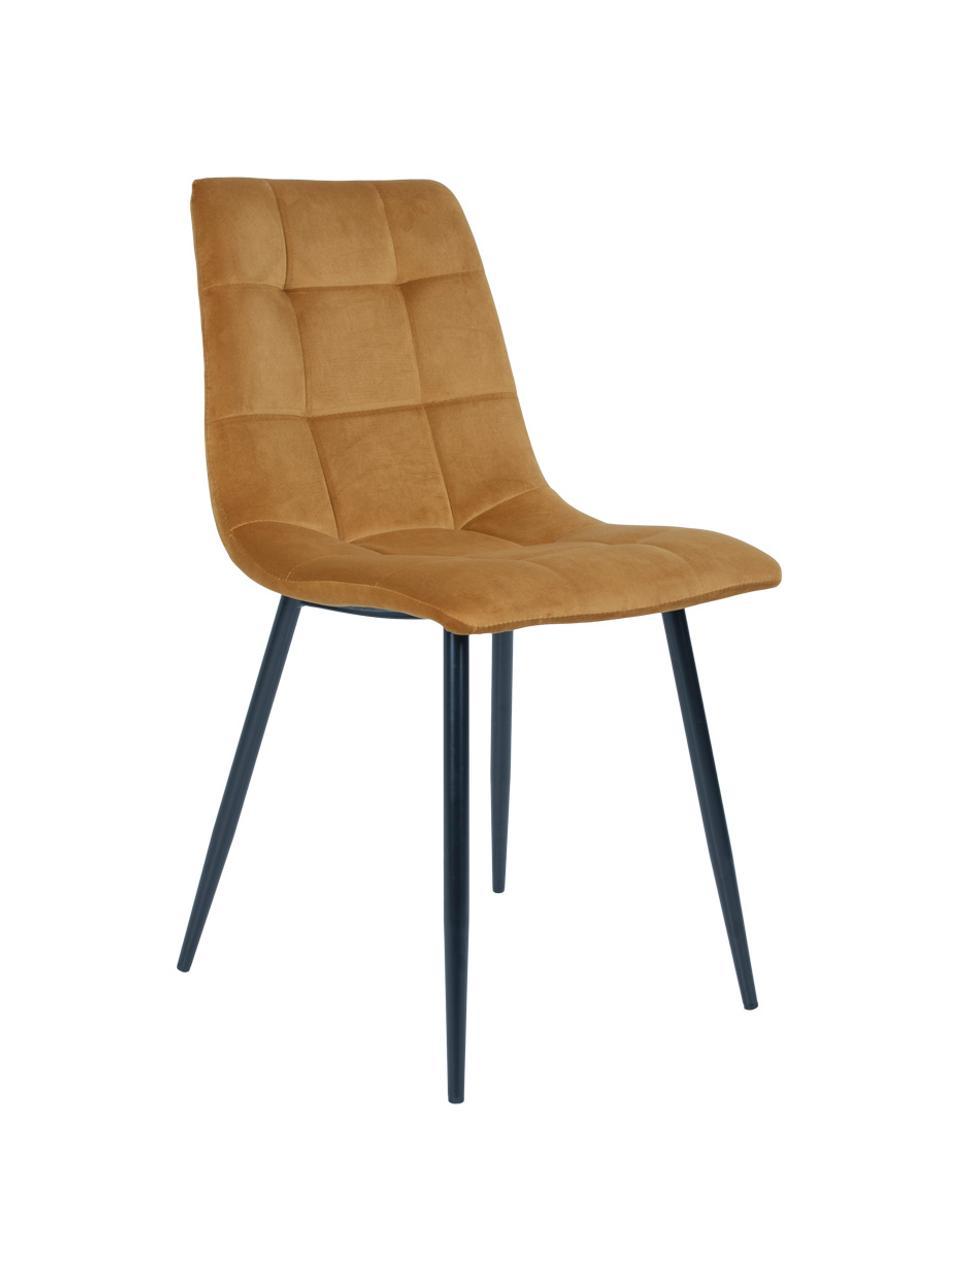 Krzesło tapicerowane z aksamitu Middleton, Tapicerka: aksamit Dzięki tkaninie w, Nogi: metal lakierowany, Musztardowy, S 55 x G 44 cm